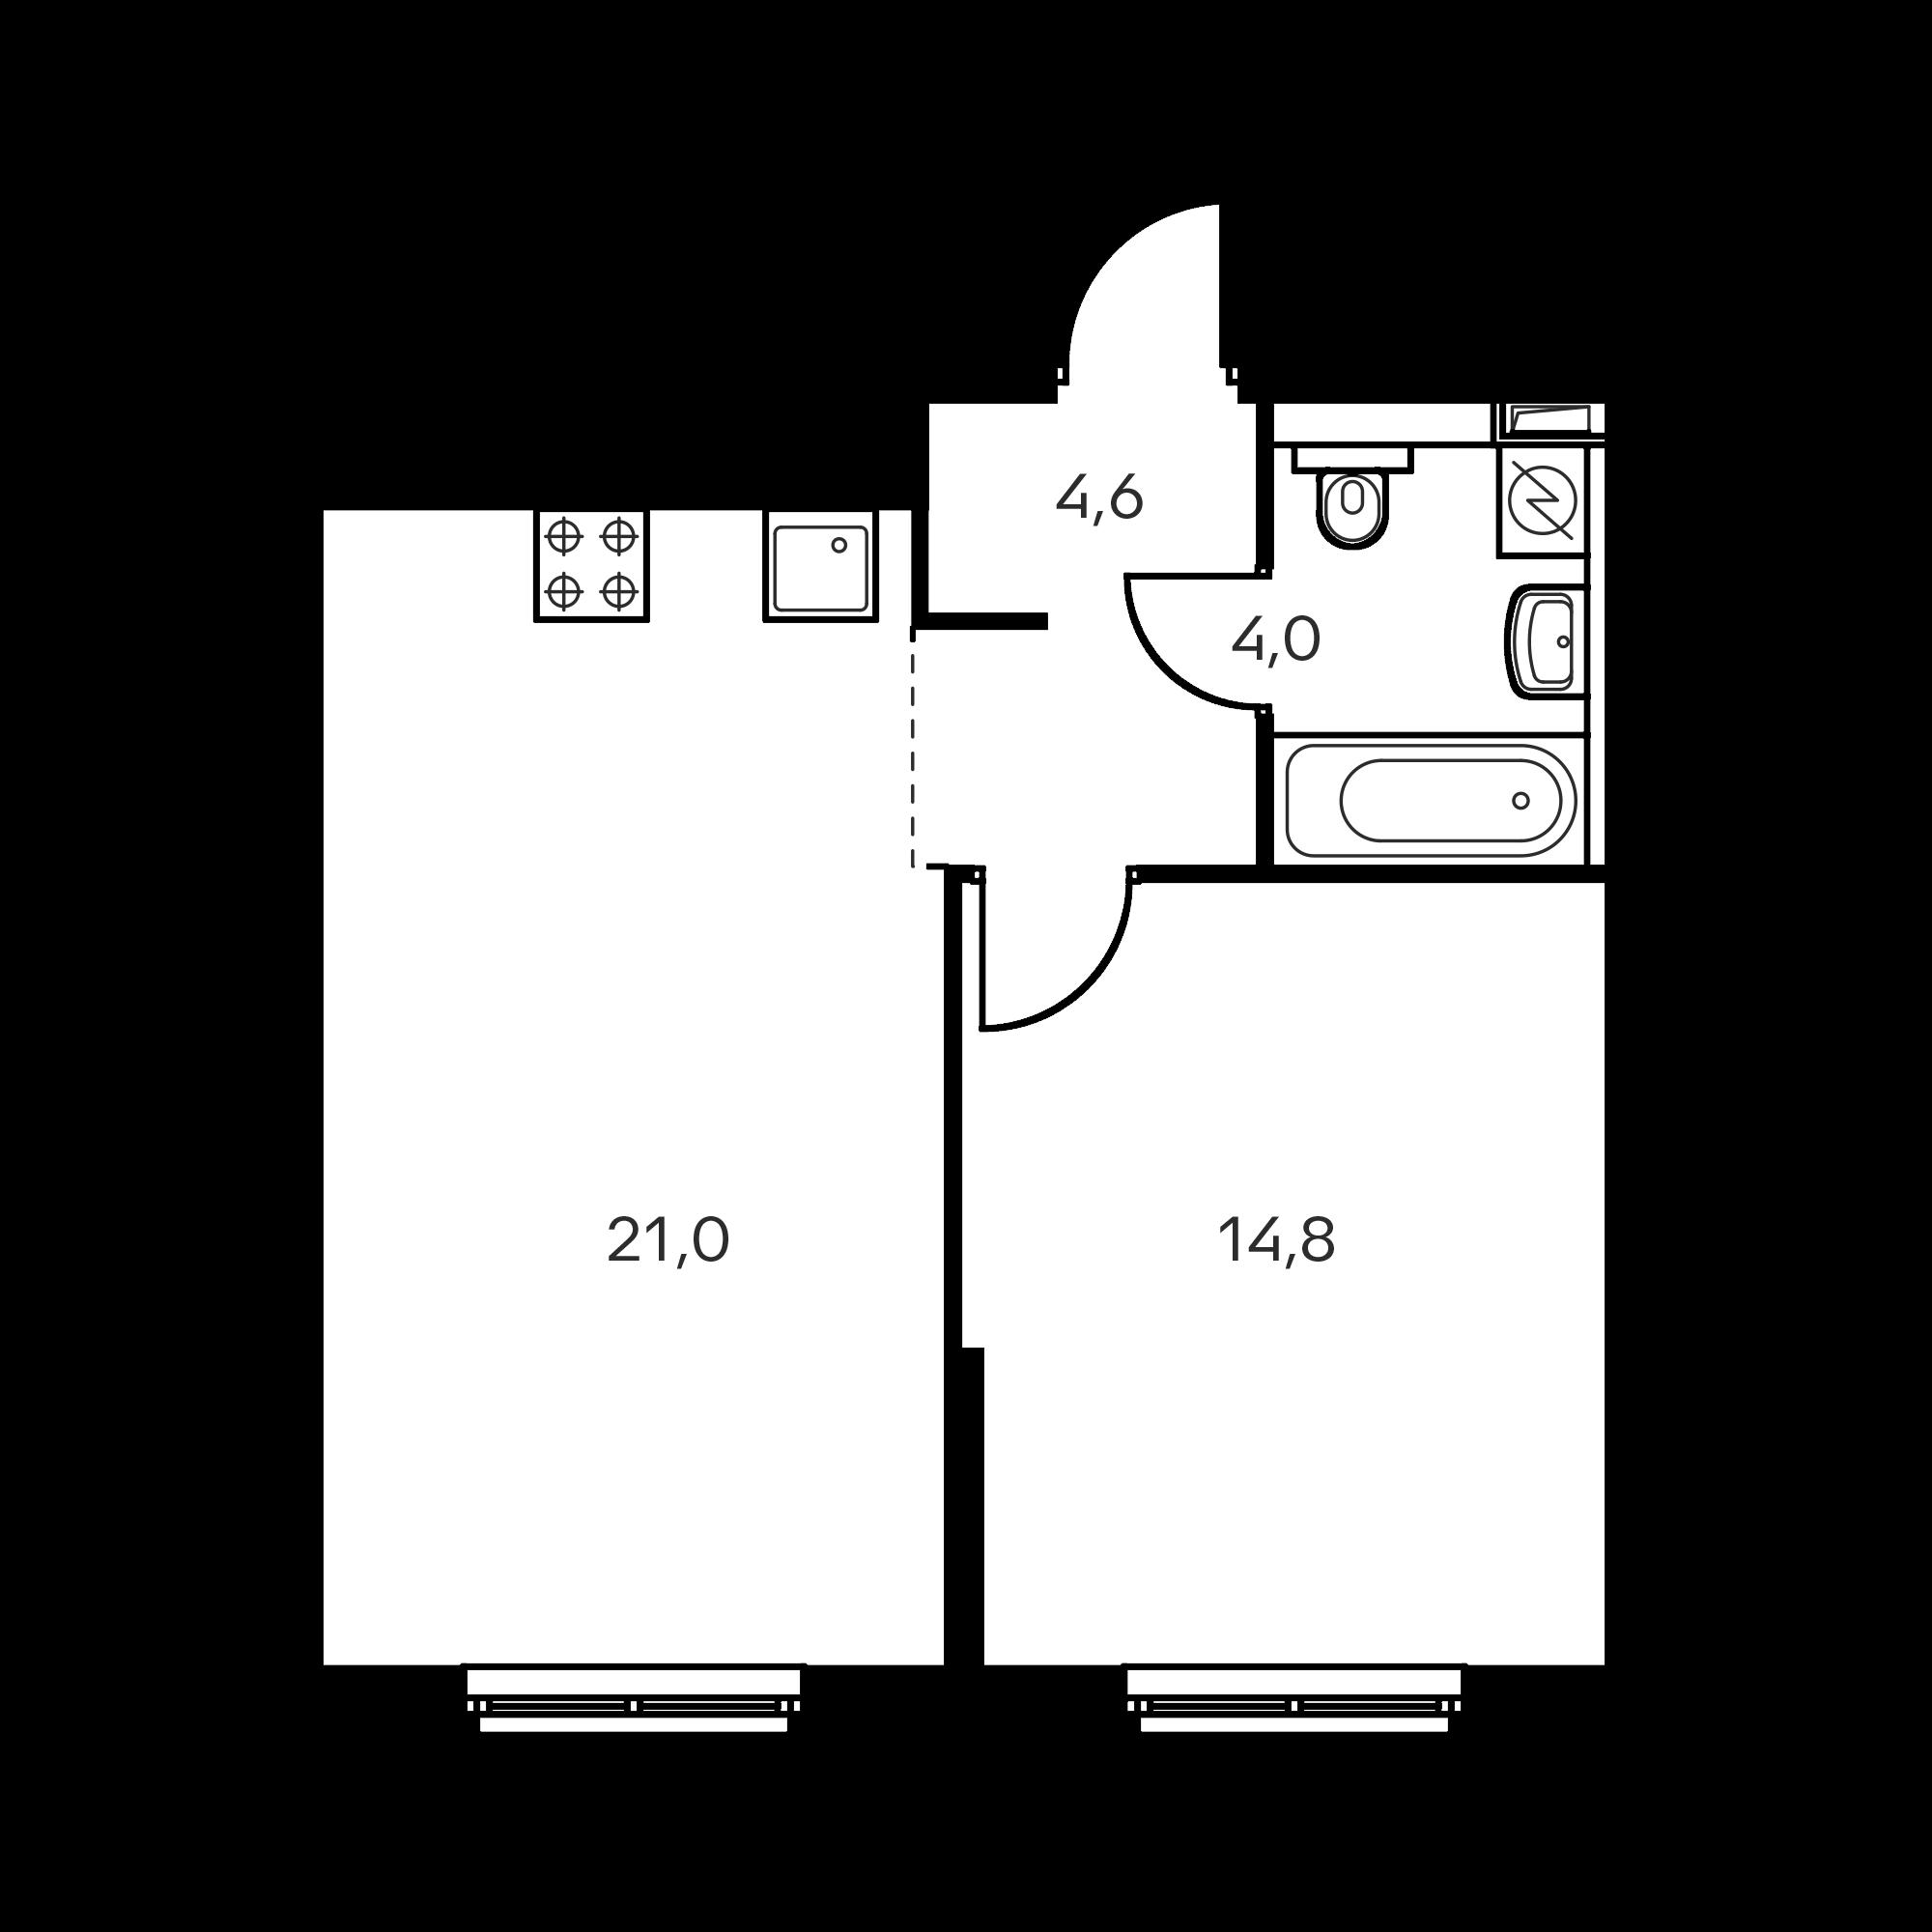 1EL3_7.2-1_S_A